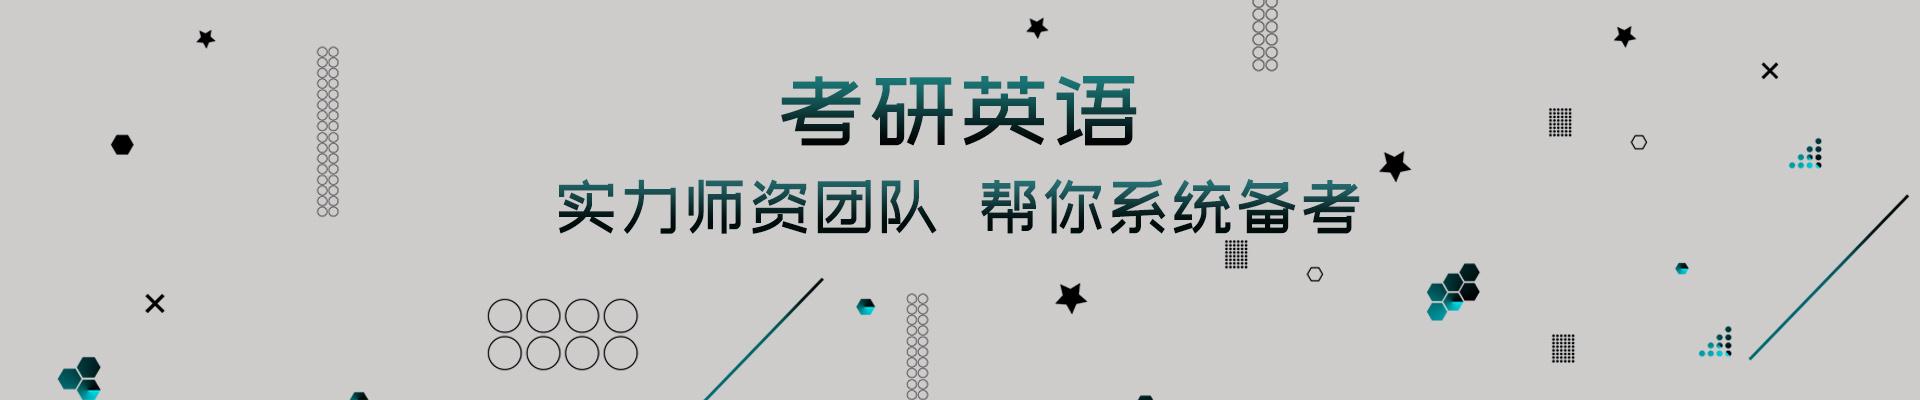 哈尔滨南岗区红军街新航道英语培训